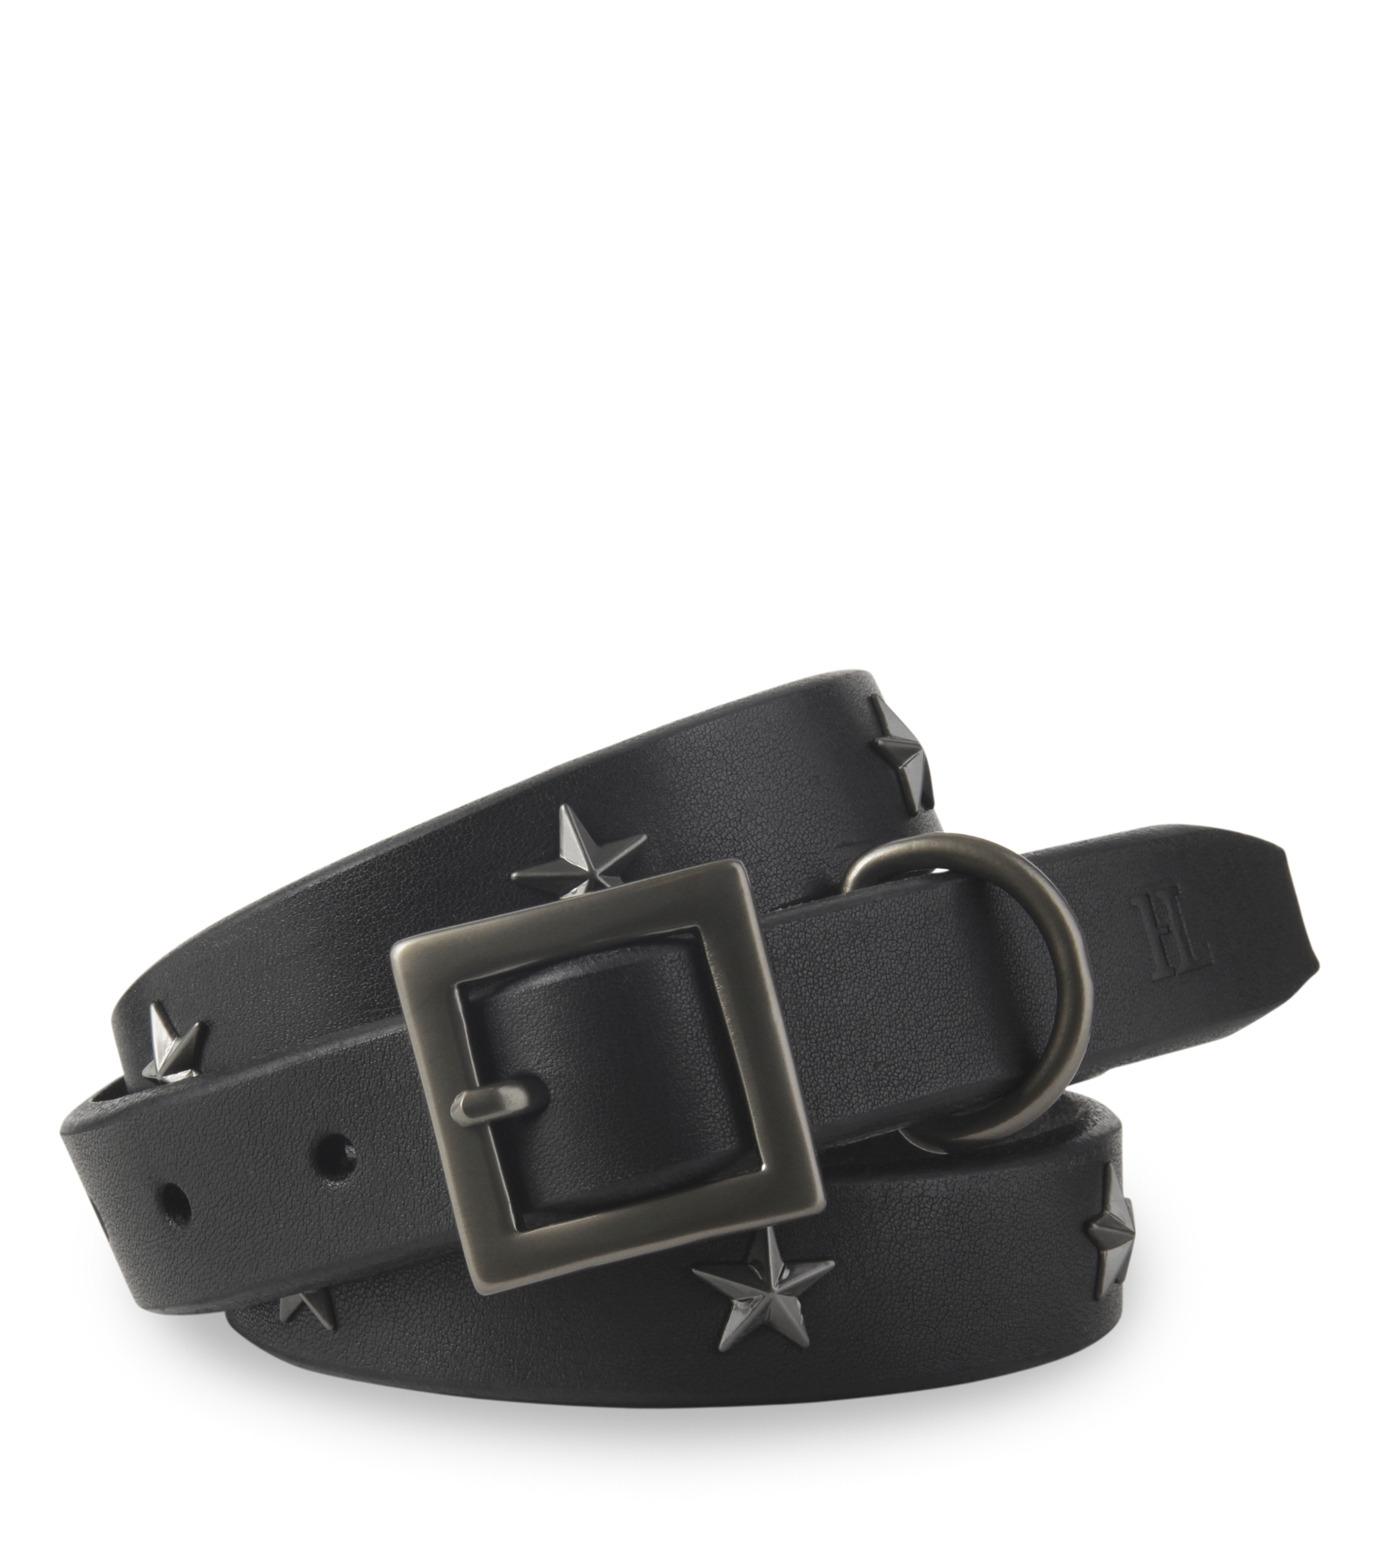 HL HEDDIE LOVU(エイチエル・エディールーヴ)のSaddle STAR BELT-BLACK(ベルト/belt)-16A90005-13 拡大詳細画像1